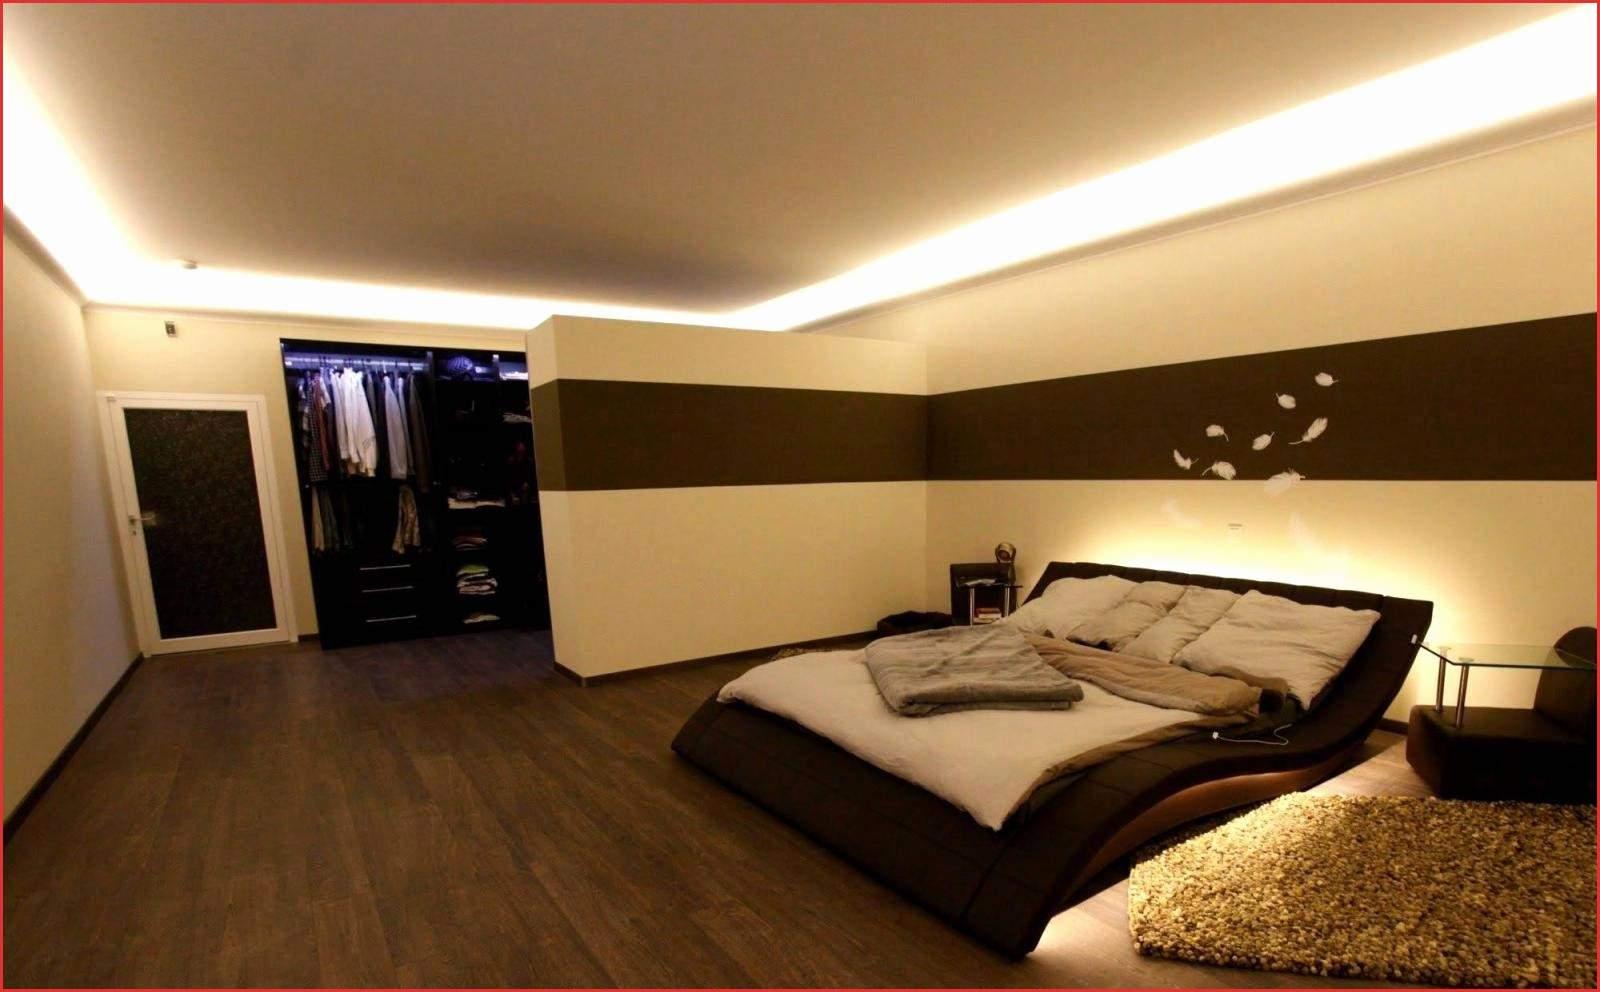 Full Size of Indirekte Beleuchtung Decke Wohnzimmer Neu Decken Bett Mit Deckenlampe Küche Deckenleuchten Spiegelschrank Bad Fenster Badezimmer Led Moderne Deckenleuchte Wohnzimmer Indirekte Beleuchtung Decke